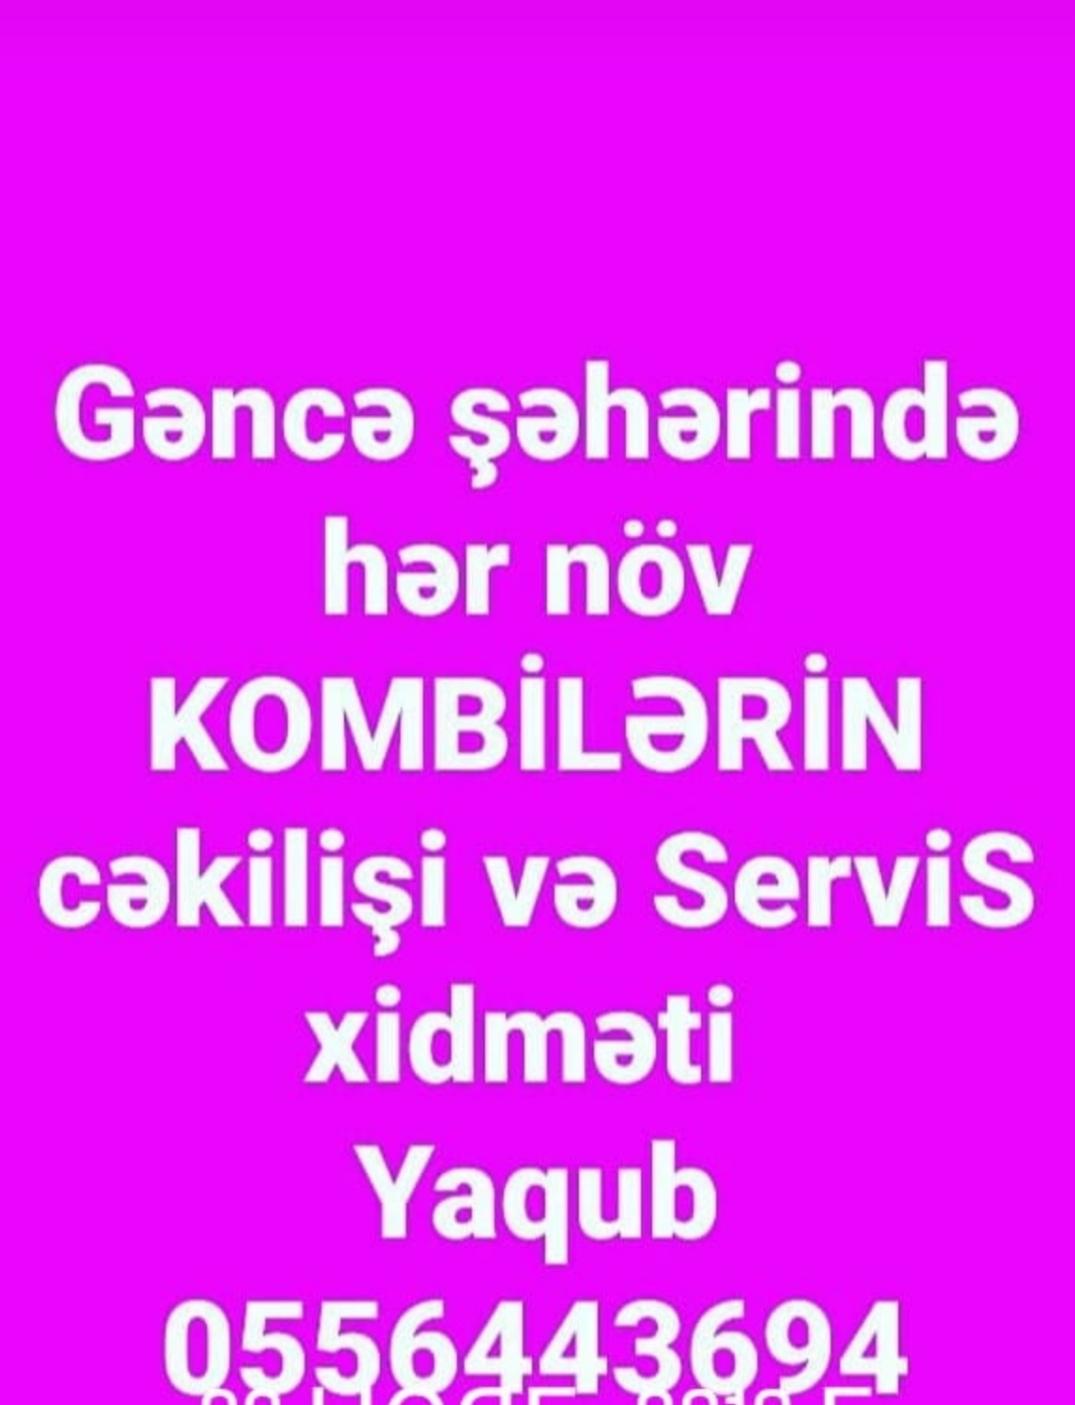 Gəncədə kombi sistemi cəkilişi və servis xidmətləri Yaqub